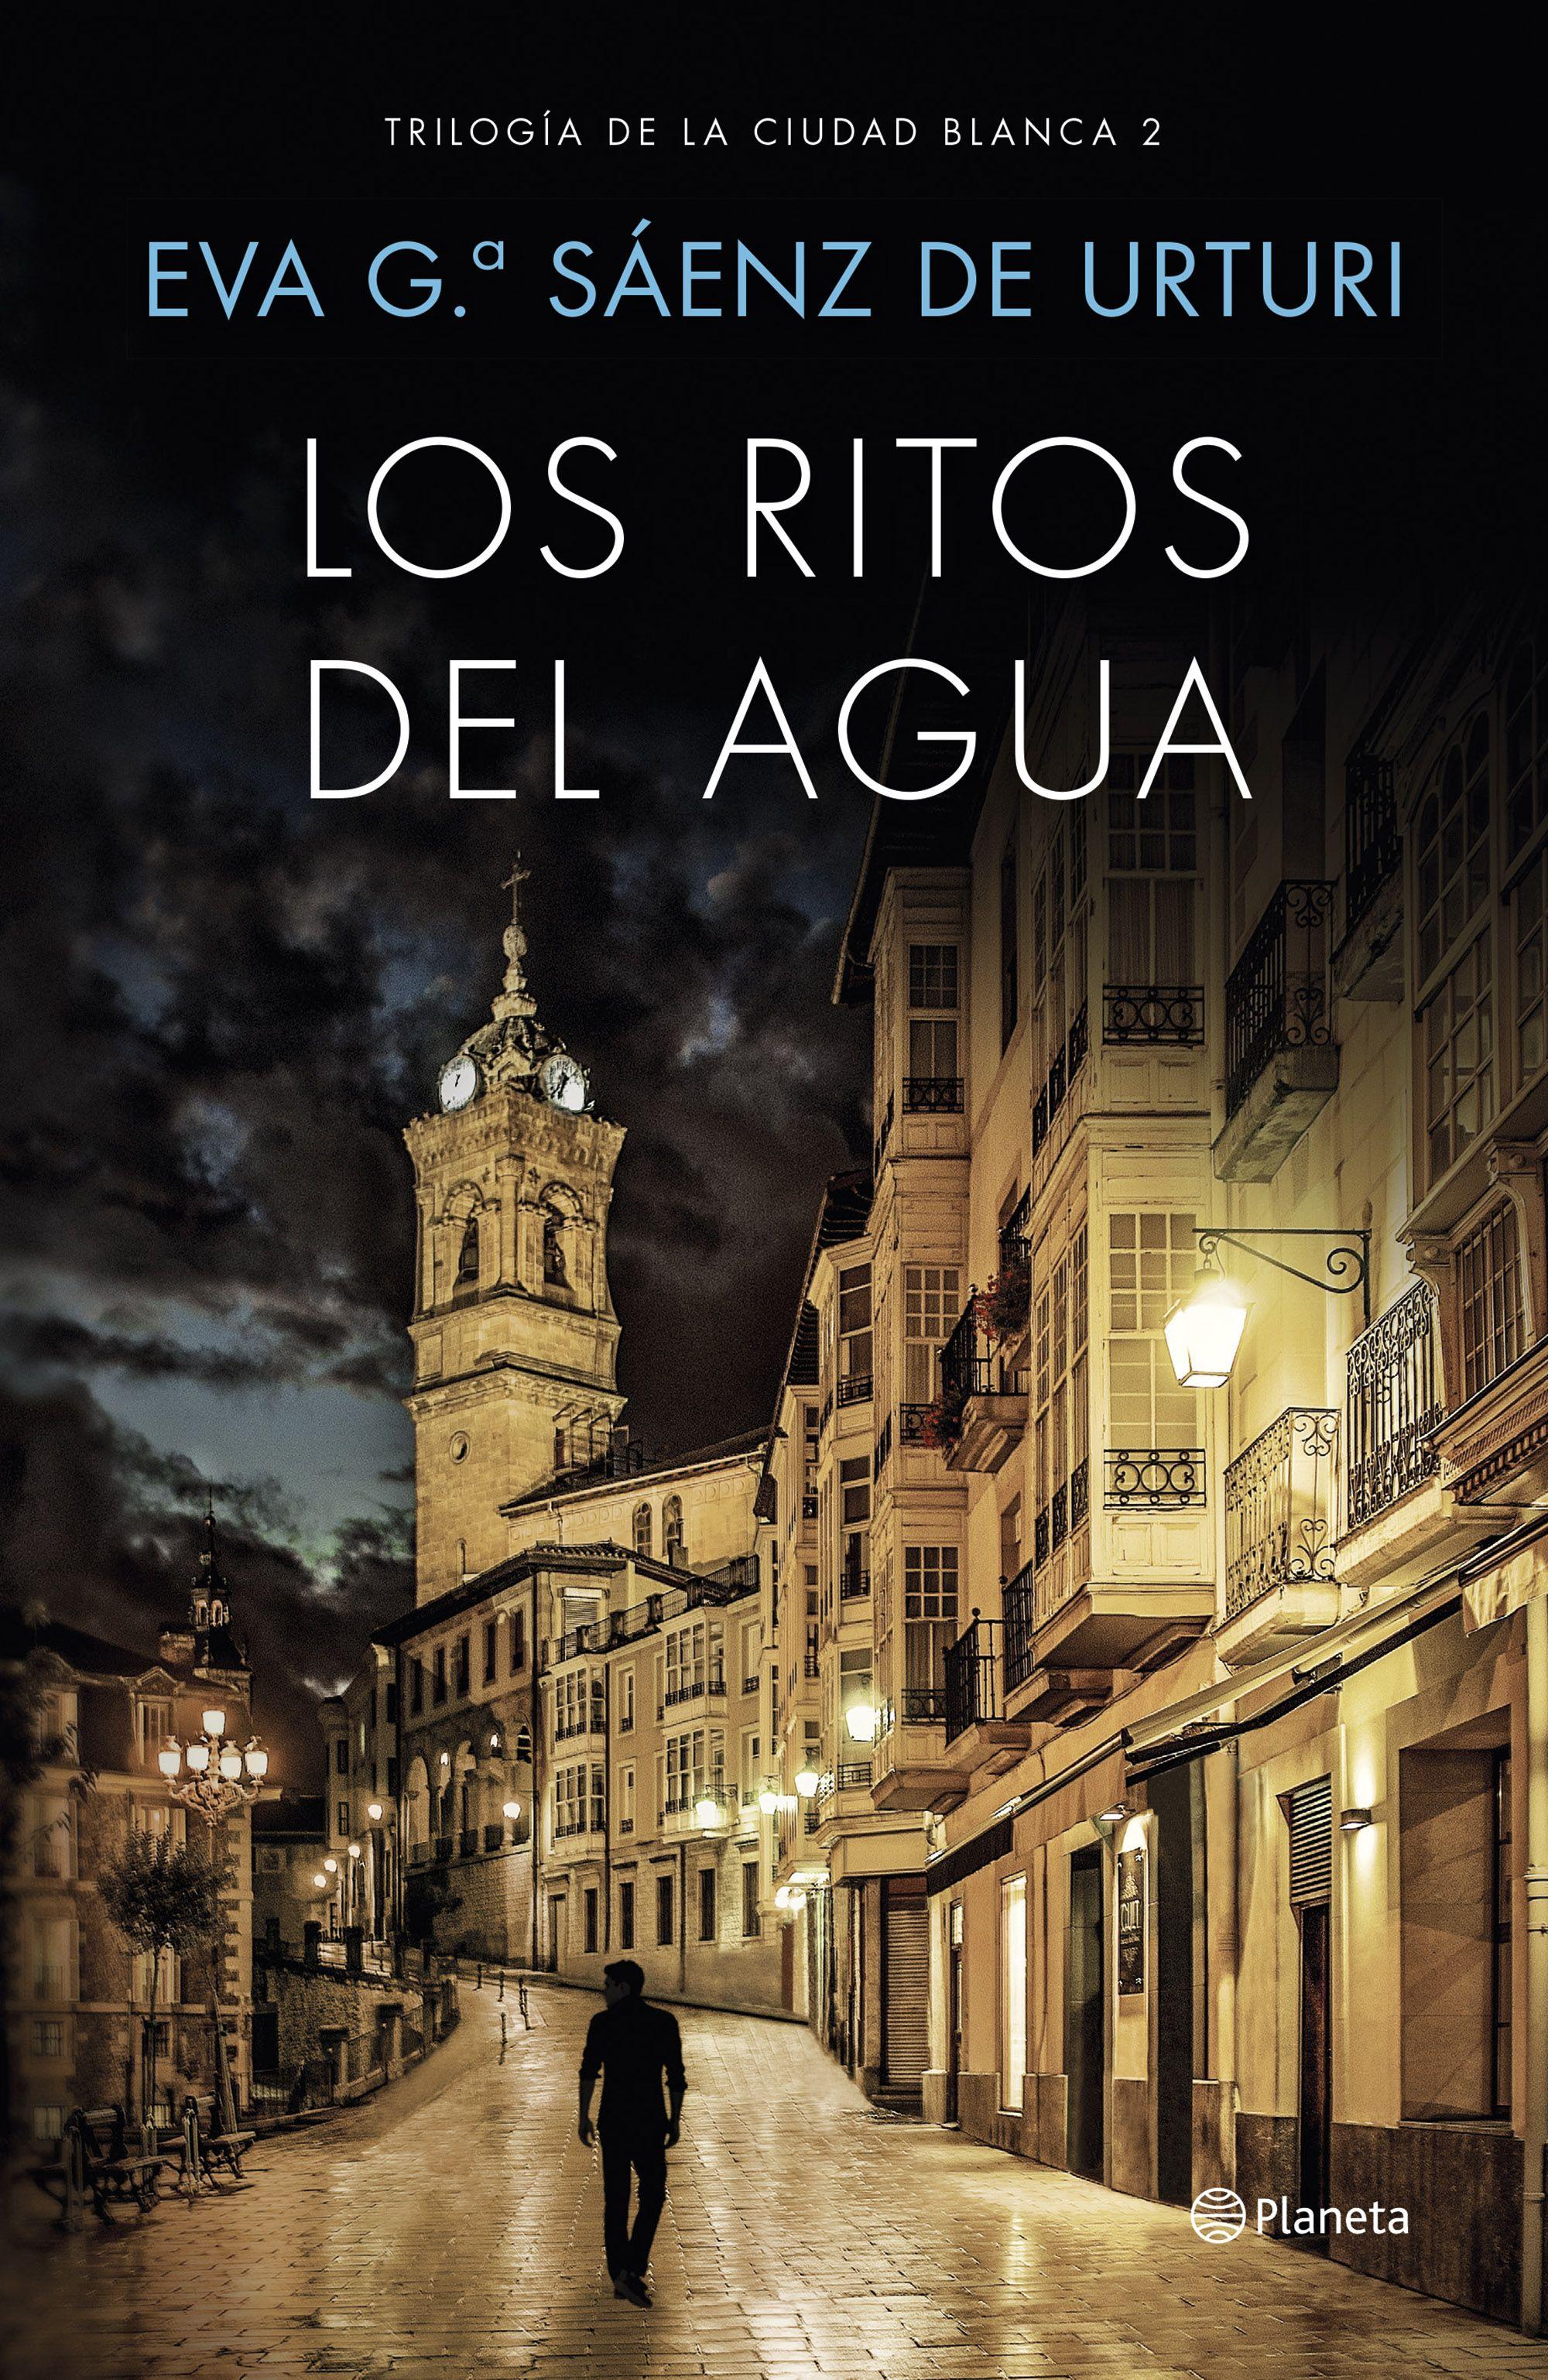 Los ritos del agua de Eva García Sáenz de Urturi